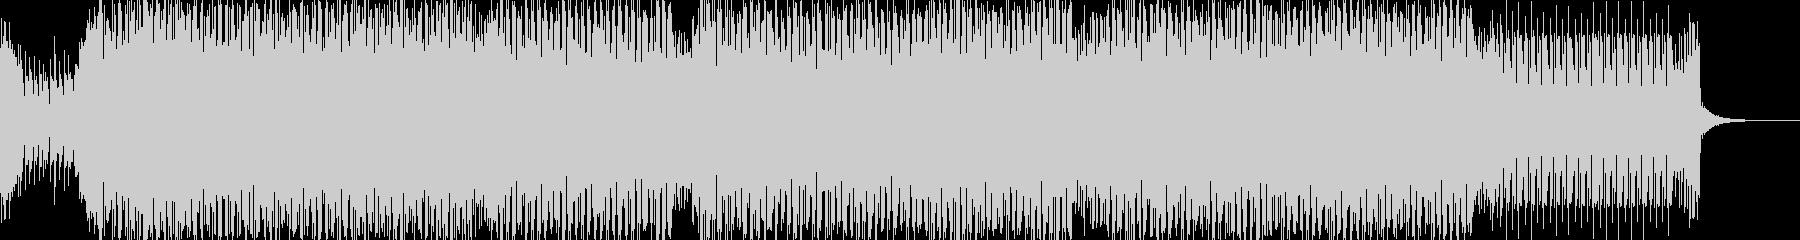 bpm135のダンスミュージックの未再生の波形